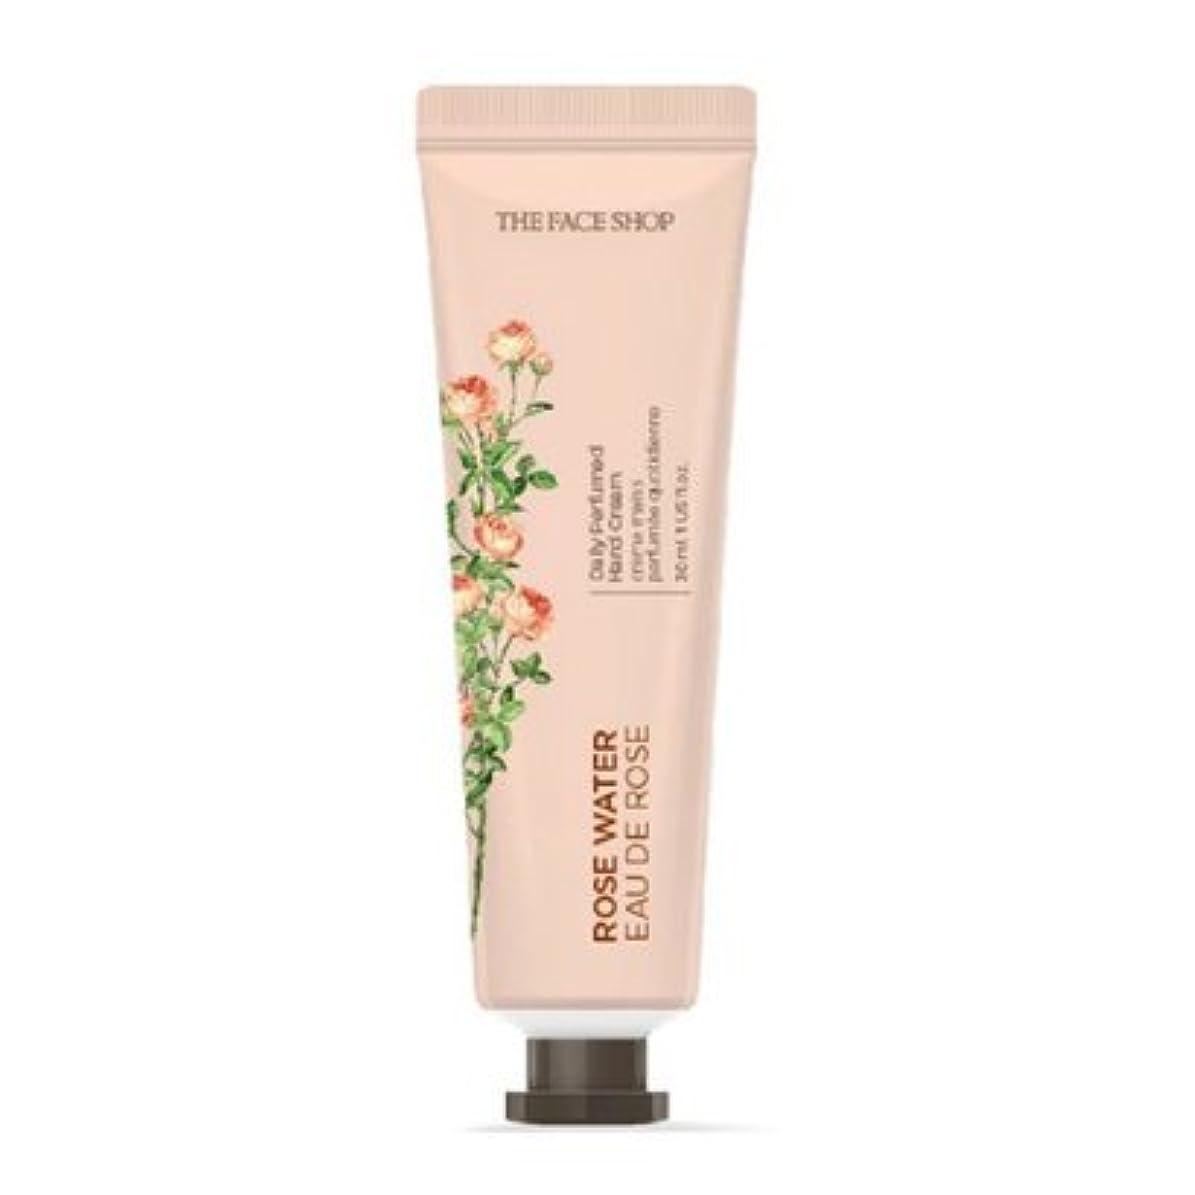 長々と治す犯す[1+1] THE FACE SHOP Daily Perfume Hand Cream [01.Rose Water] ザフェイスショップ デイリーパフュームハンドクリーム [01.ローズウォーター] [new] [並行輸入品]